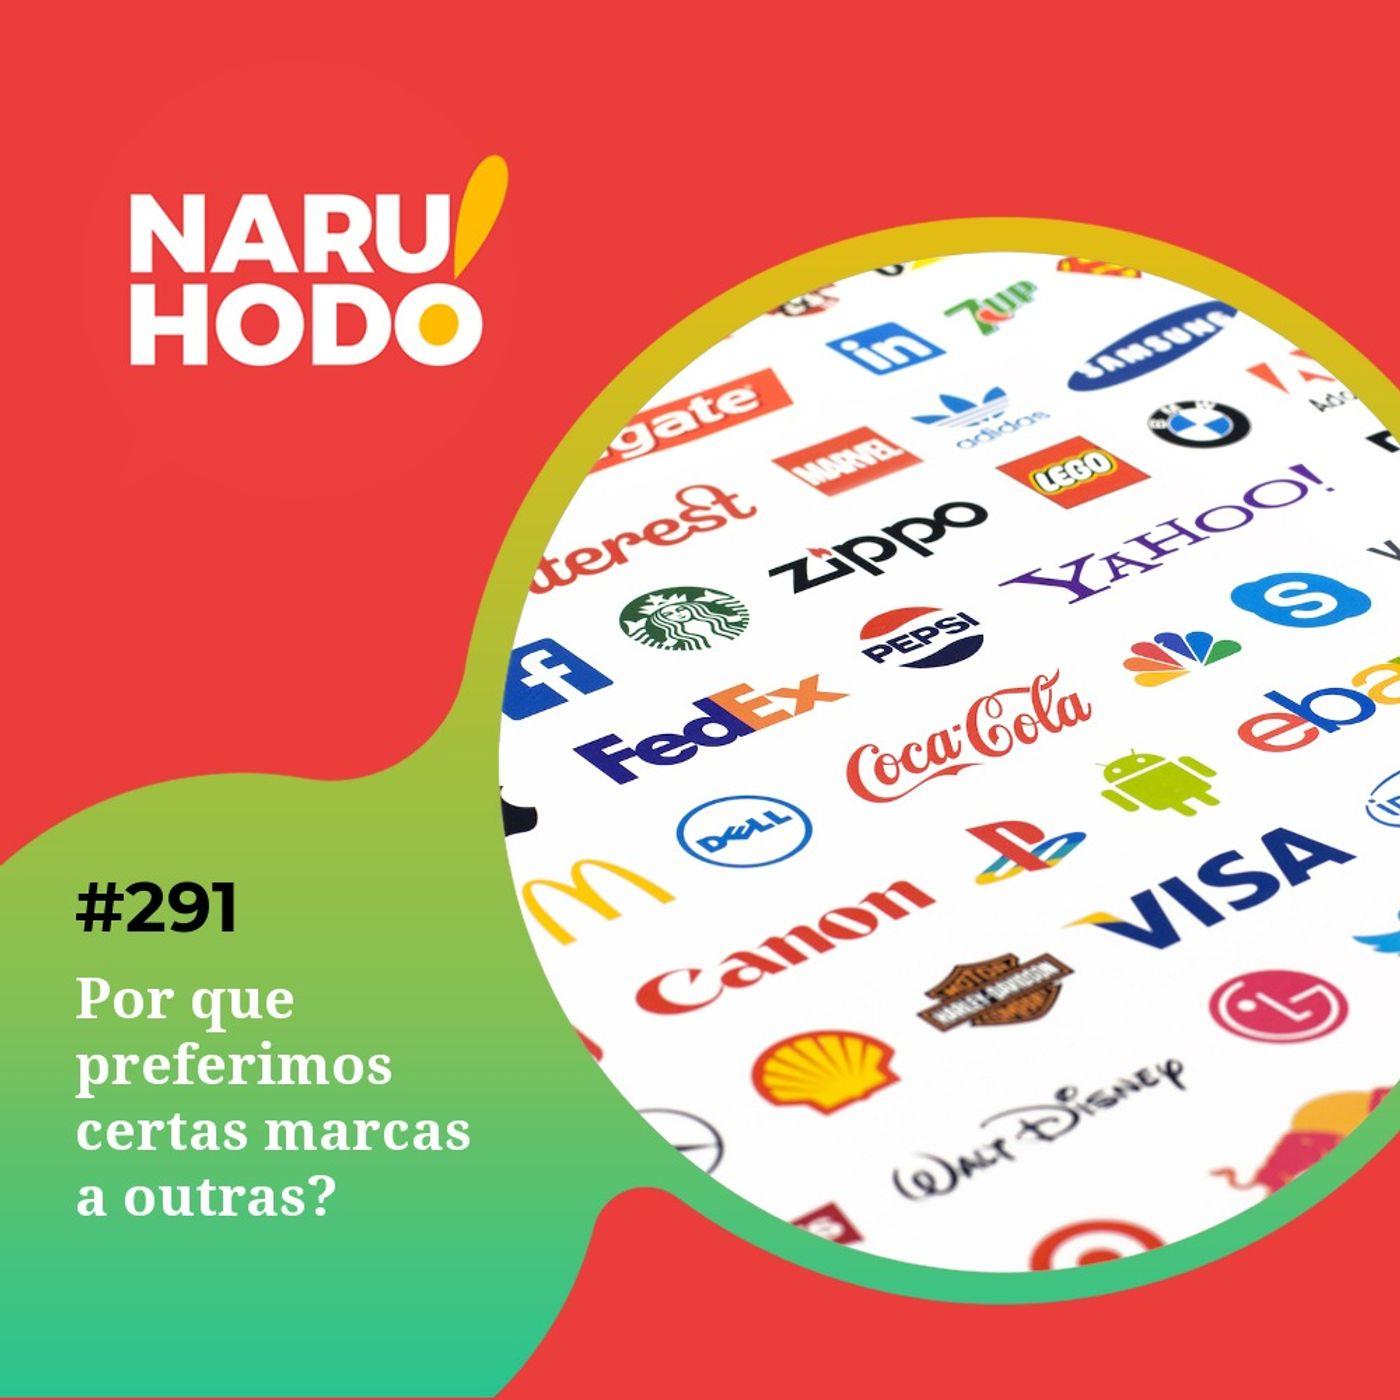 Naruhodo #291 - Por que preferimos certas marcas a outras?